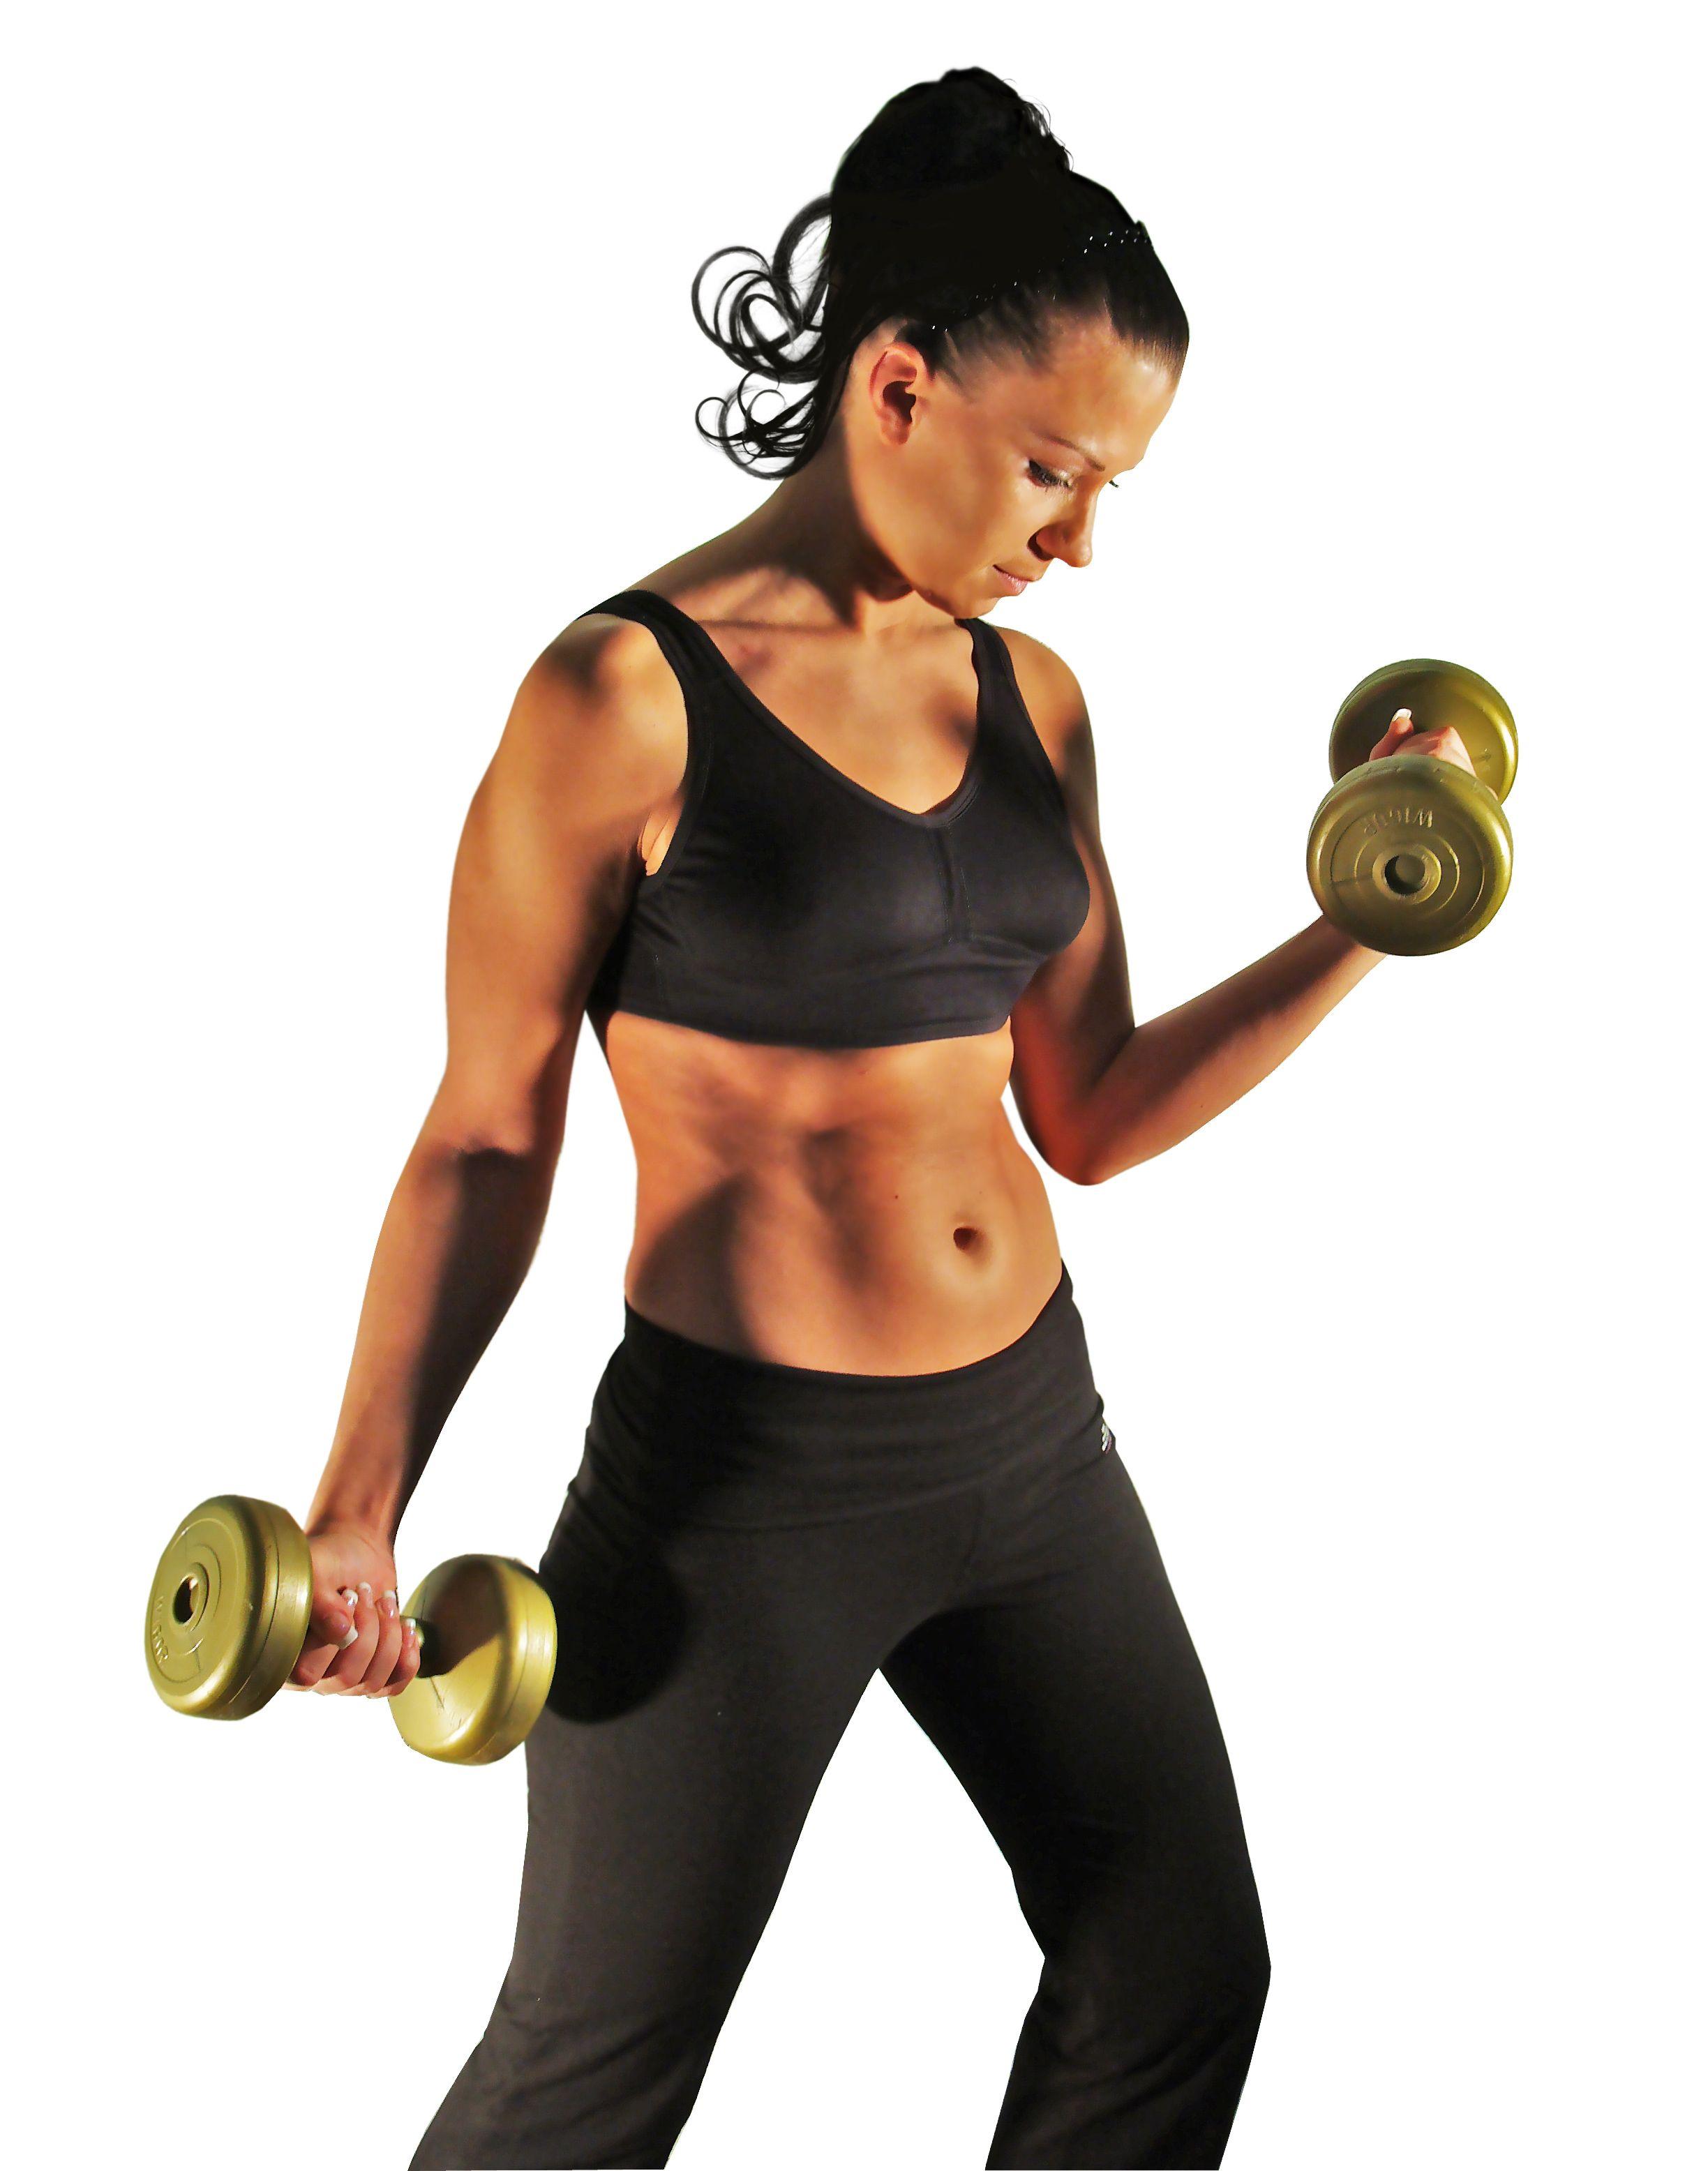 Sollevamento pesi per donne che vogliono dimagrire